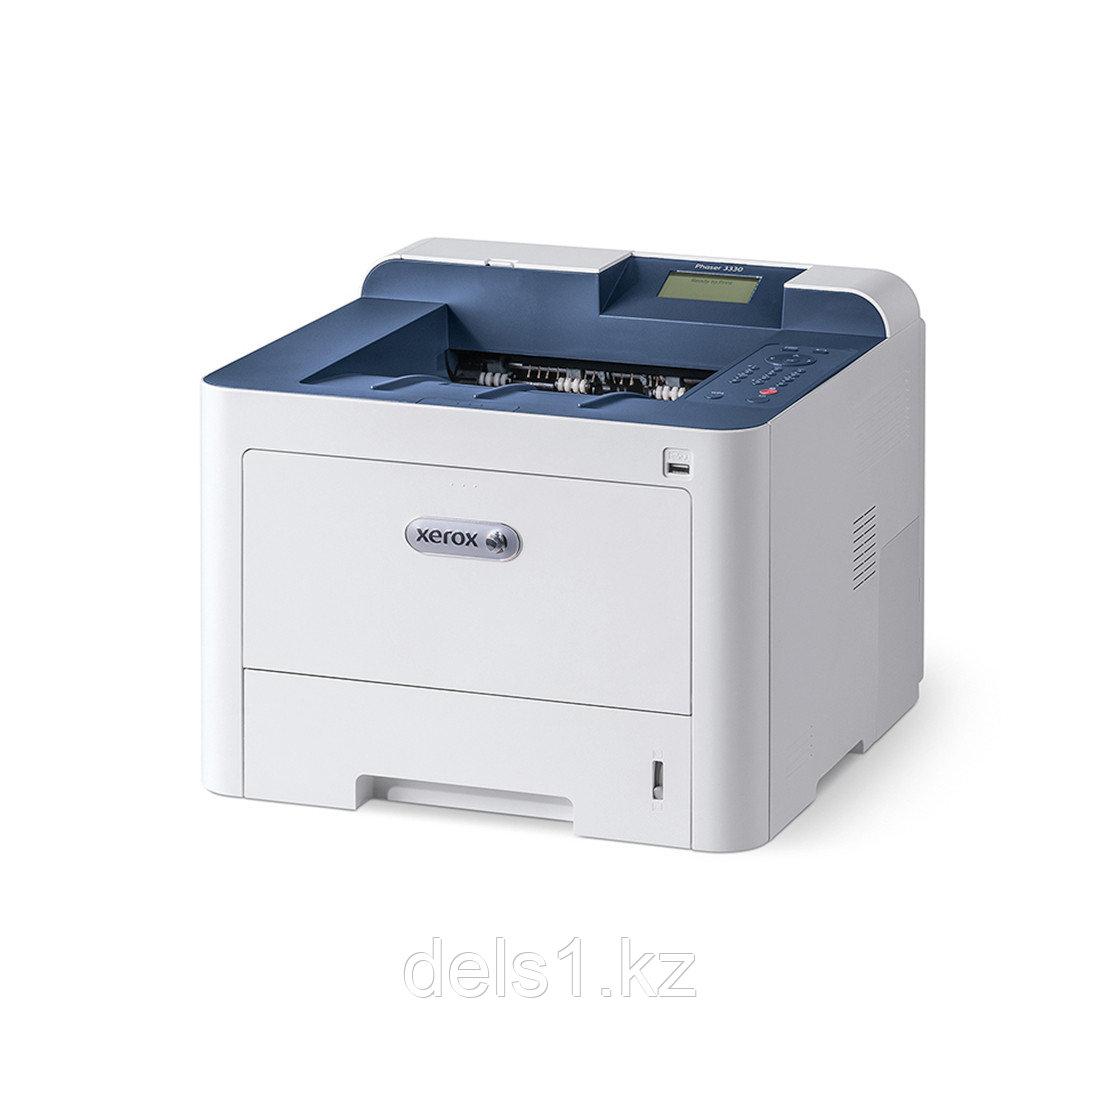 Лазерный принтер  Xerox  Phaser 3330DNI для черно - белой печати